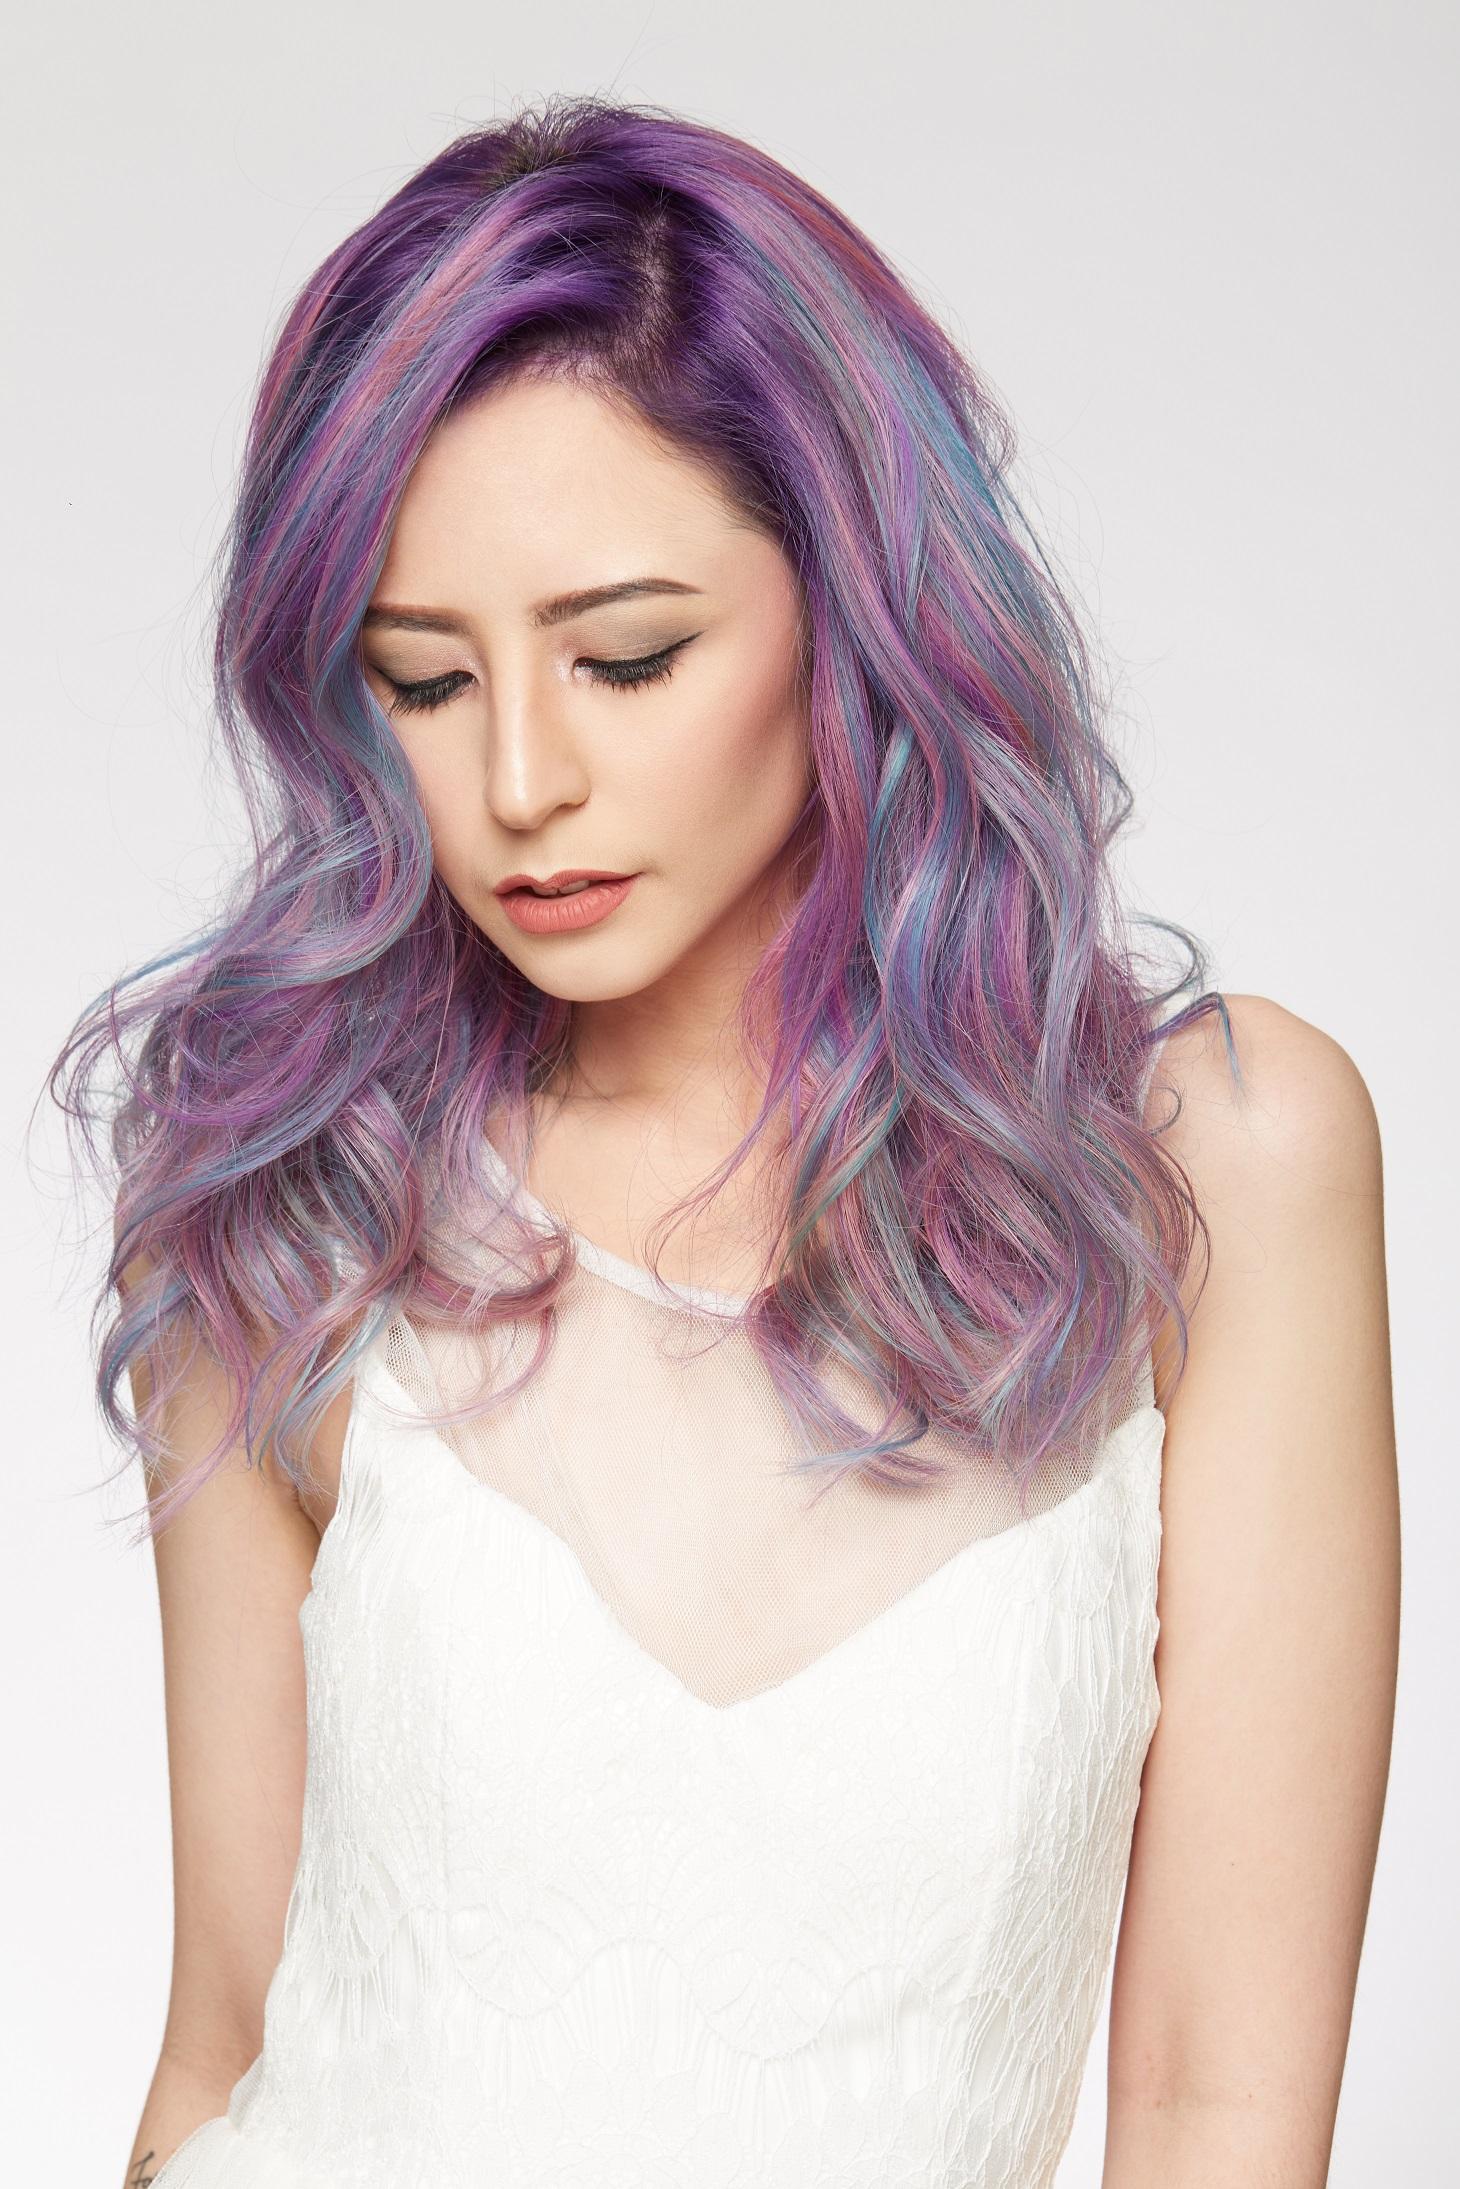 Produk Andalan Untuk Unicorn Hair yang Cantik, L'Oréal Professionnel Menghadirkan #COLORFULHAIR Direct Dye